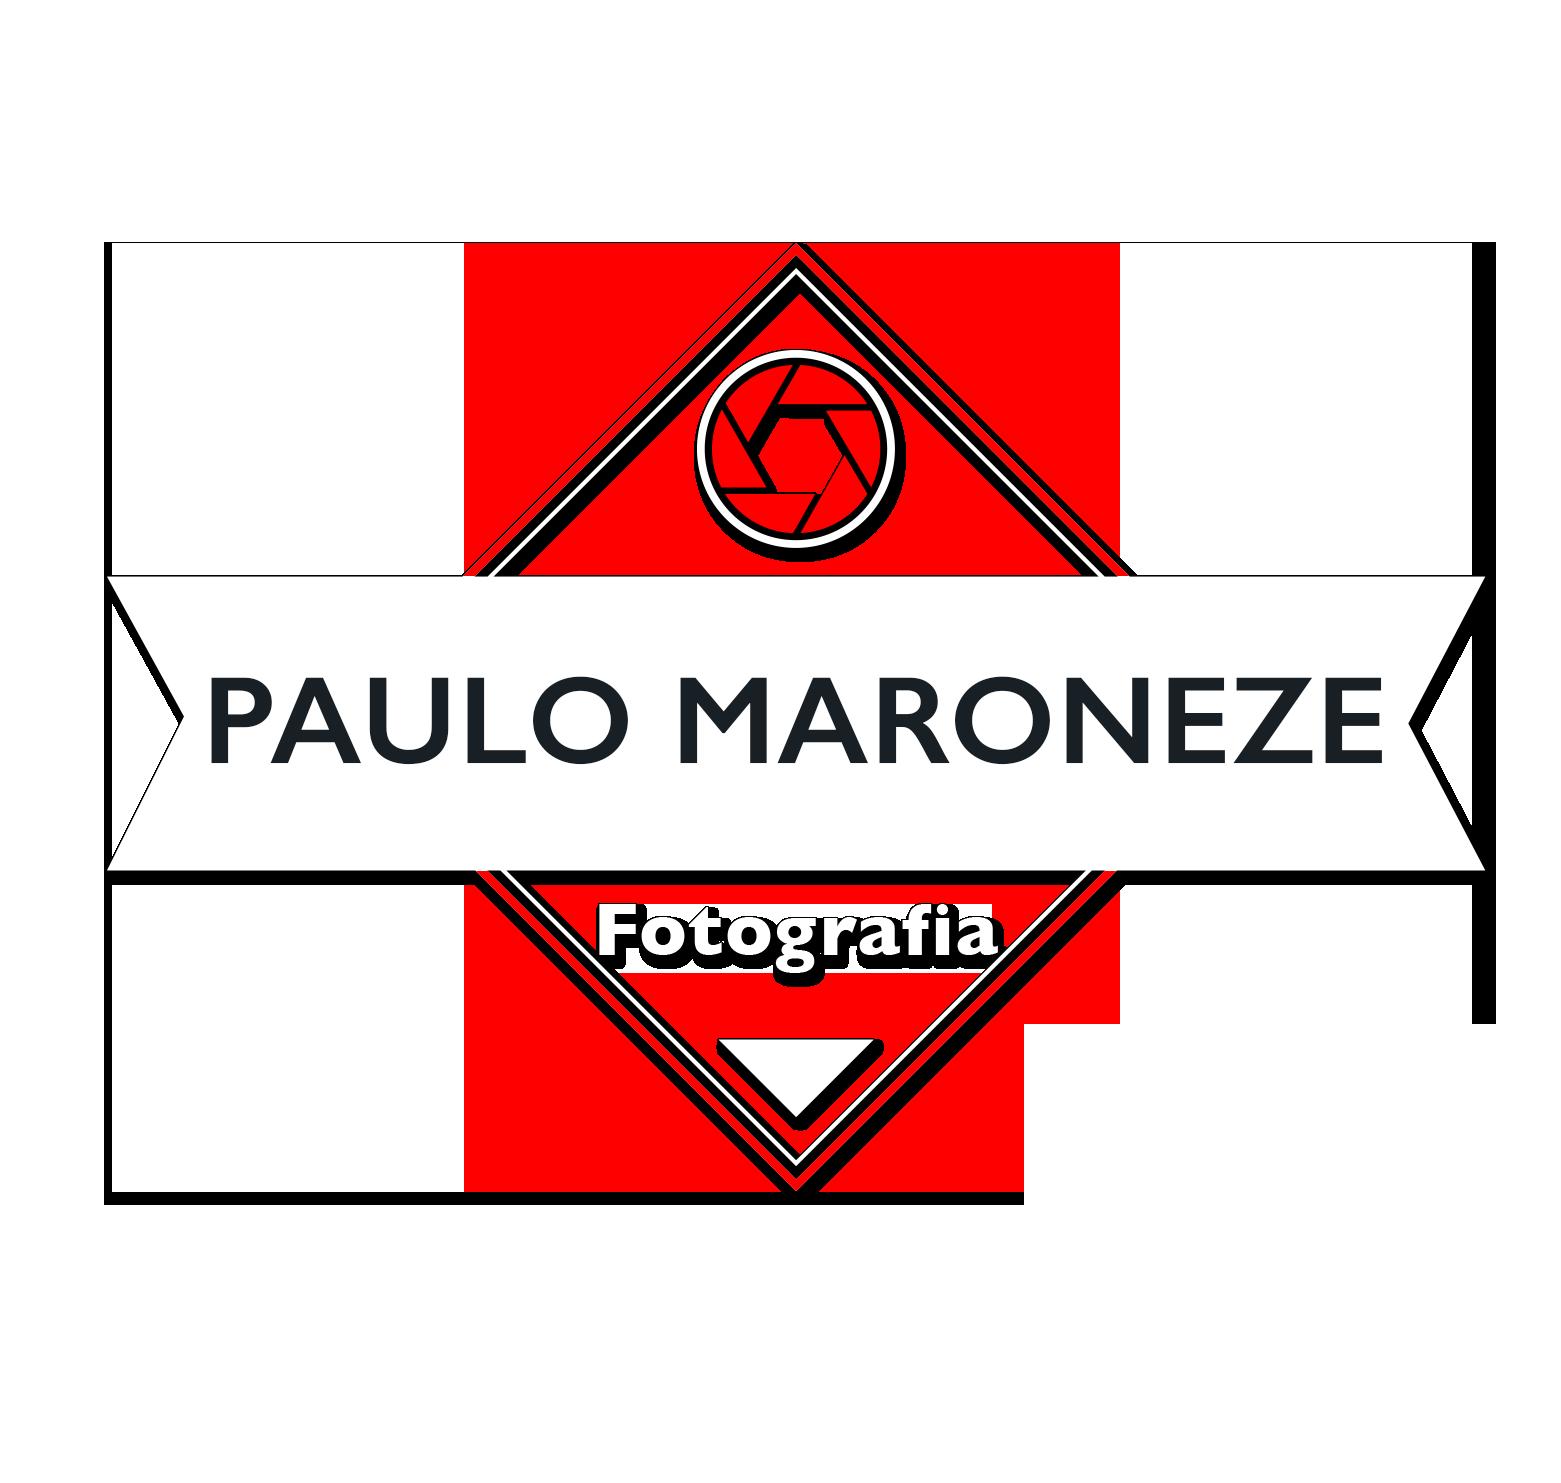 Logotipo de PAULO MARONEZE FILHO